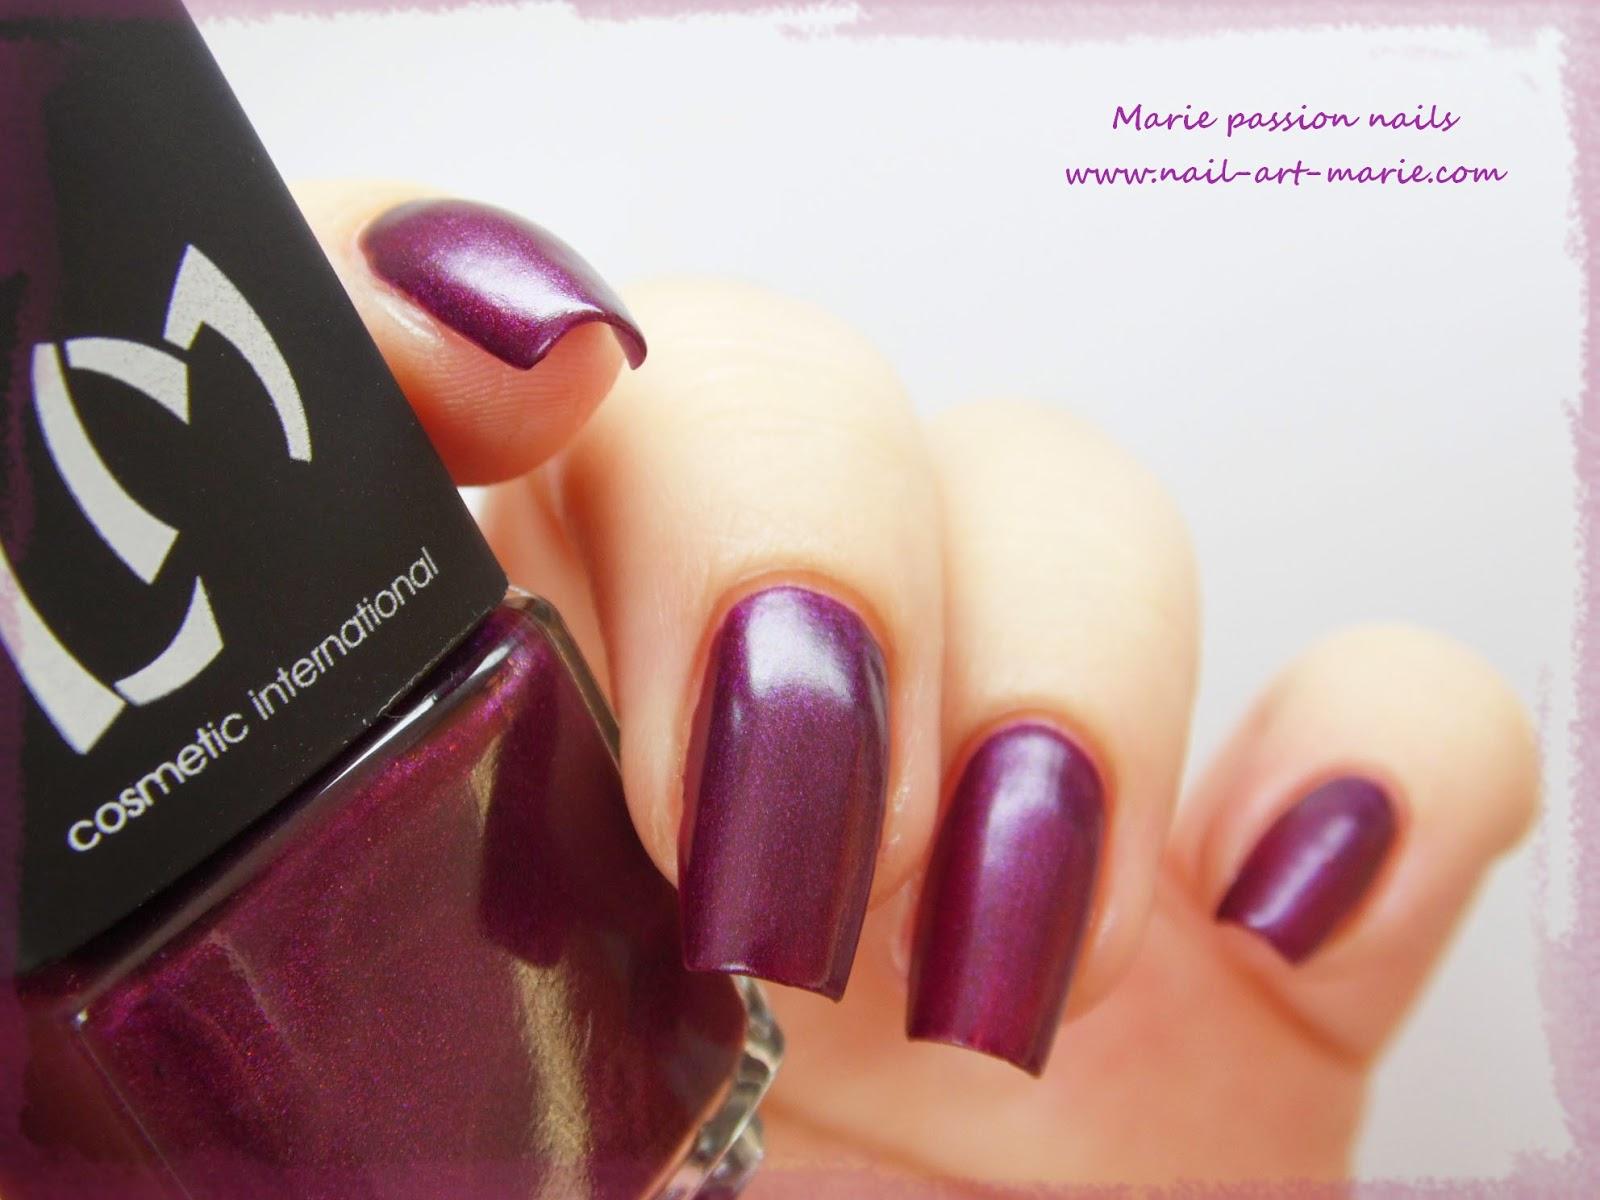 LM Cosmetic Veloura3